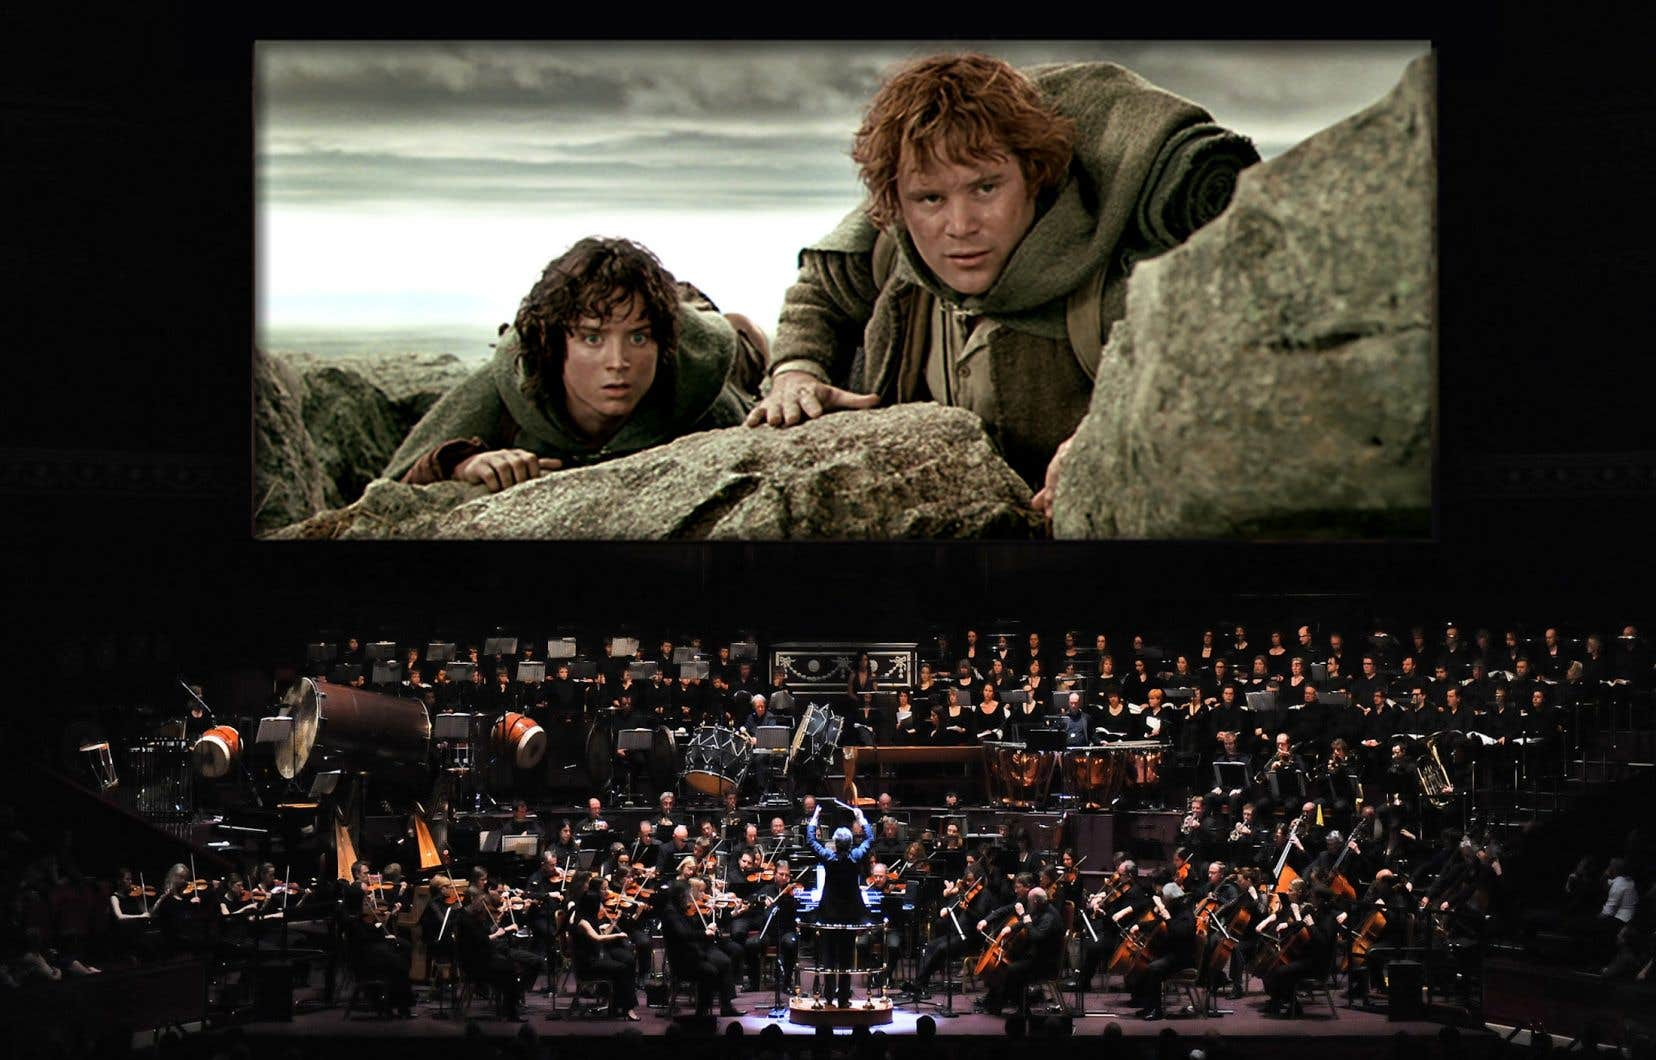 La présentation de films avec orchestre sur scène est une tendance lourde du marché du divertissement.